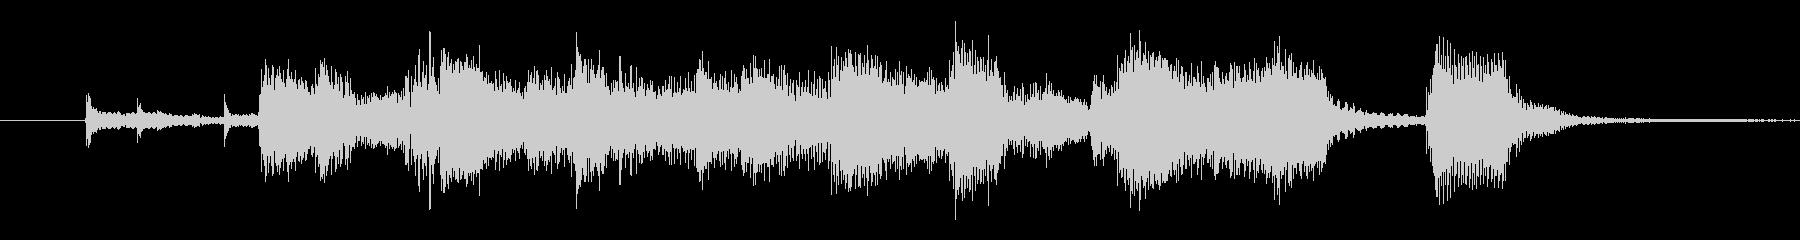 ビッグバンド・ゴージャス・ジングル・6秒の未再生の波形